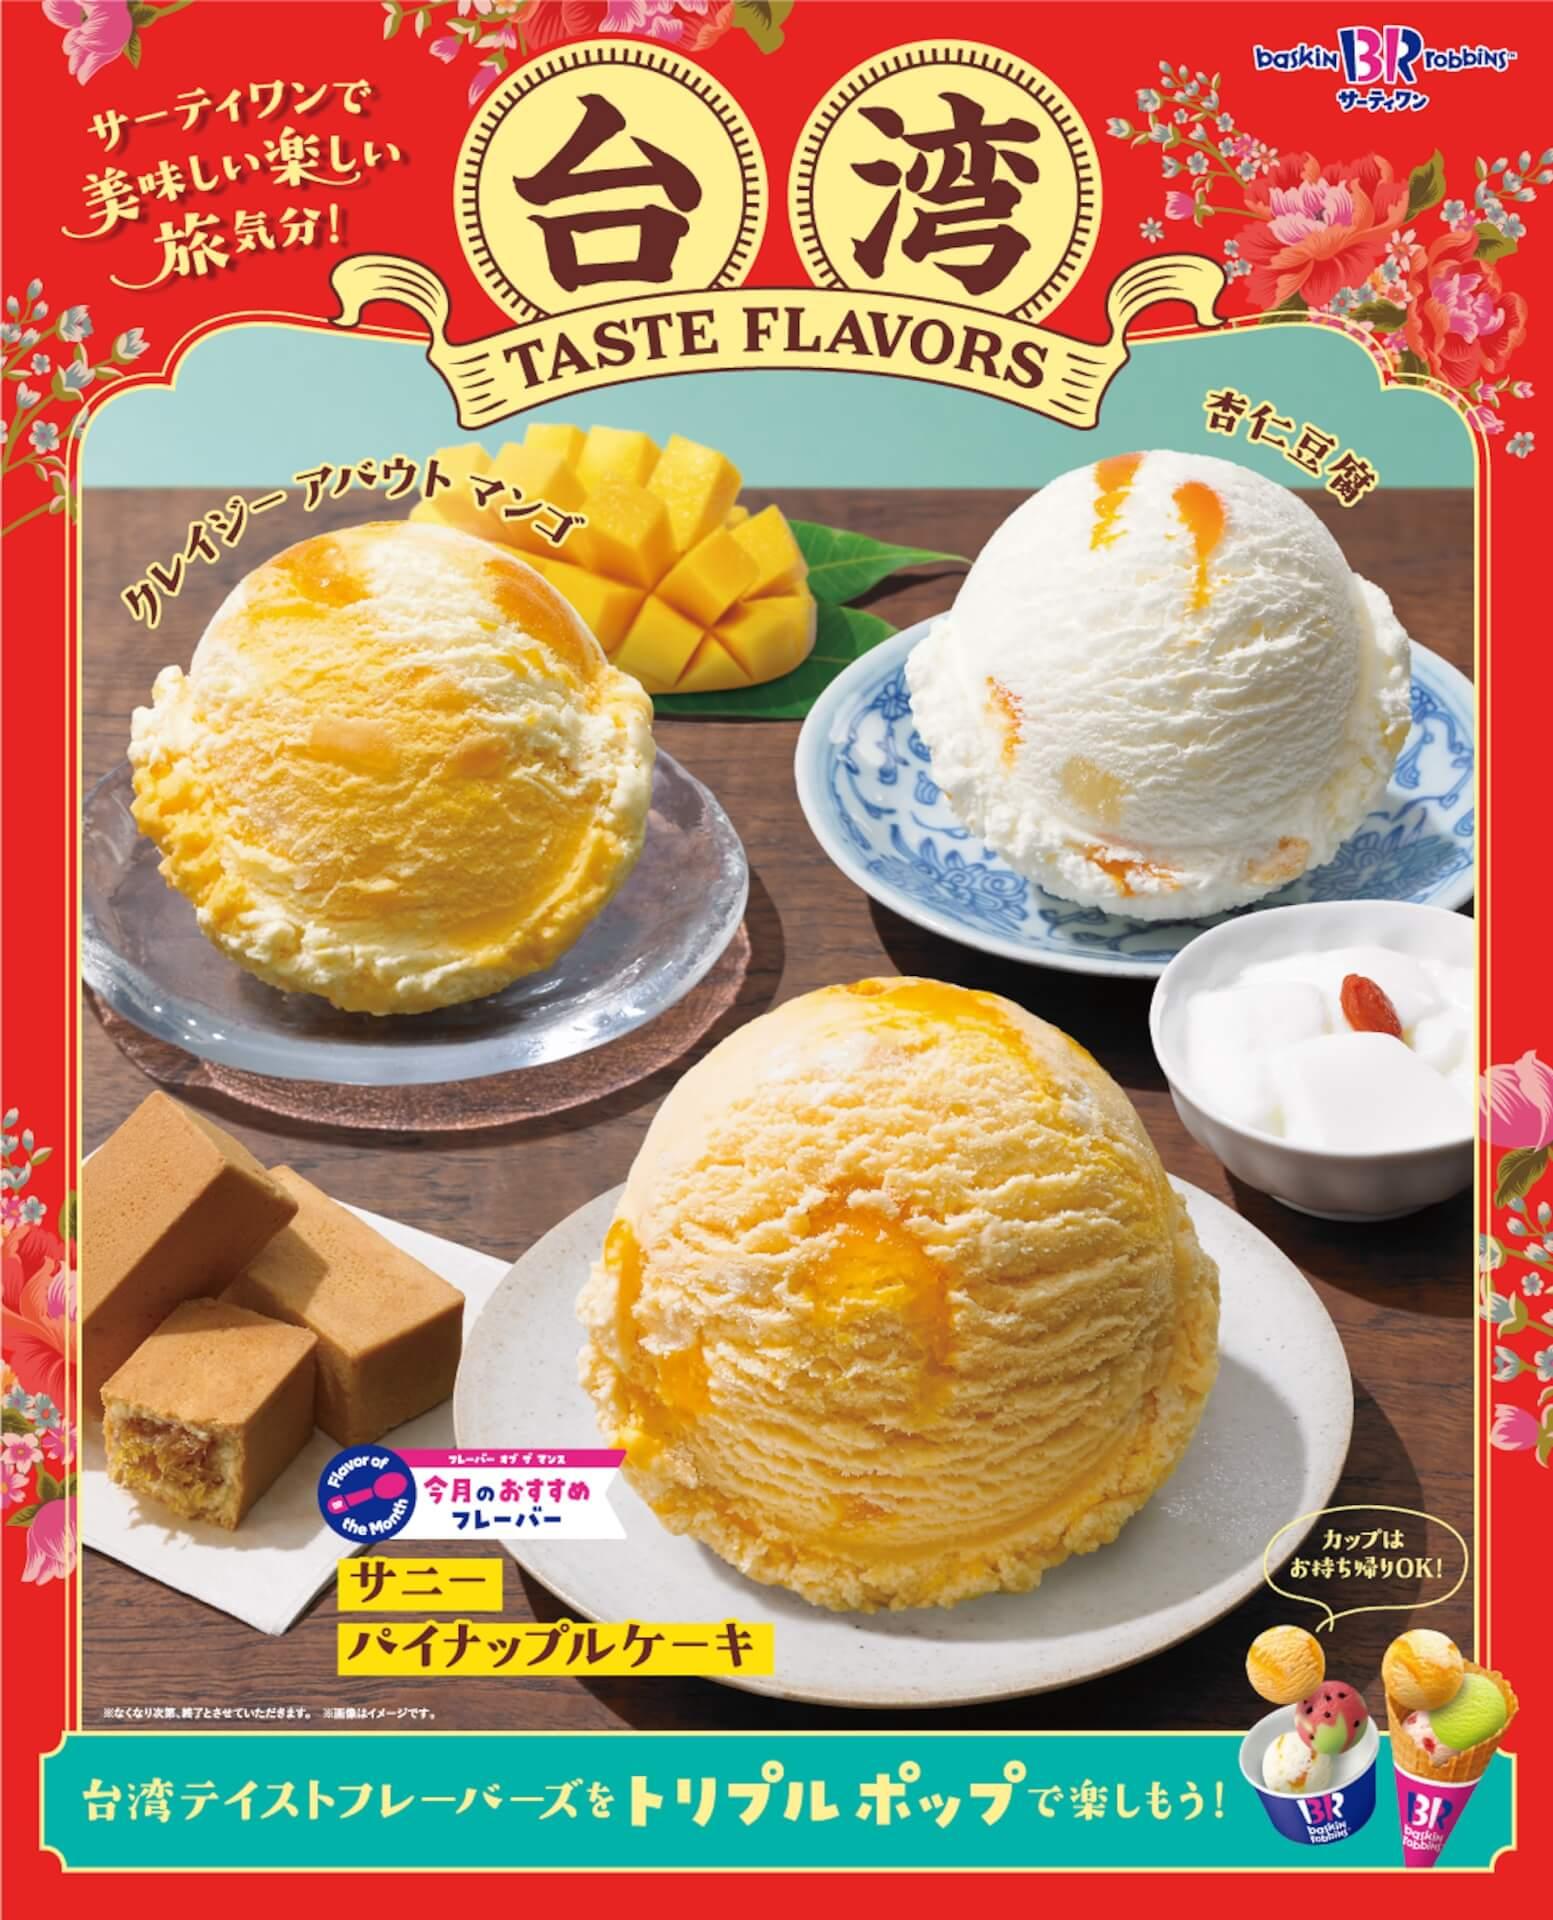 サーティーワンに台湾で大人気の新フレーバー「サニーパイナップルケーキ」が登場!「クレイジー アバウト マンゴ」などもラインナップ gourmet210528_31_pineapple_5